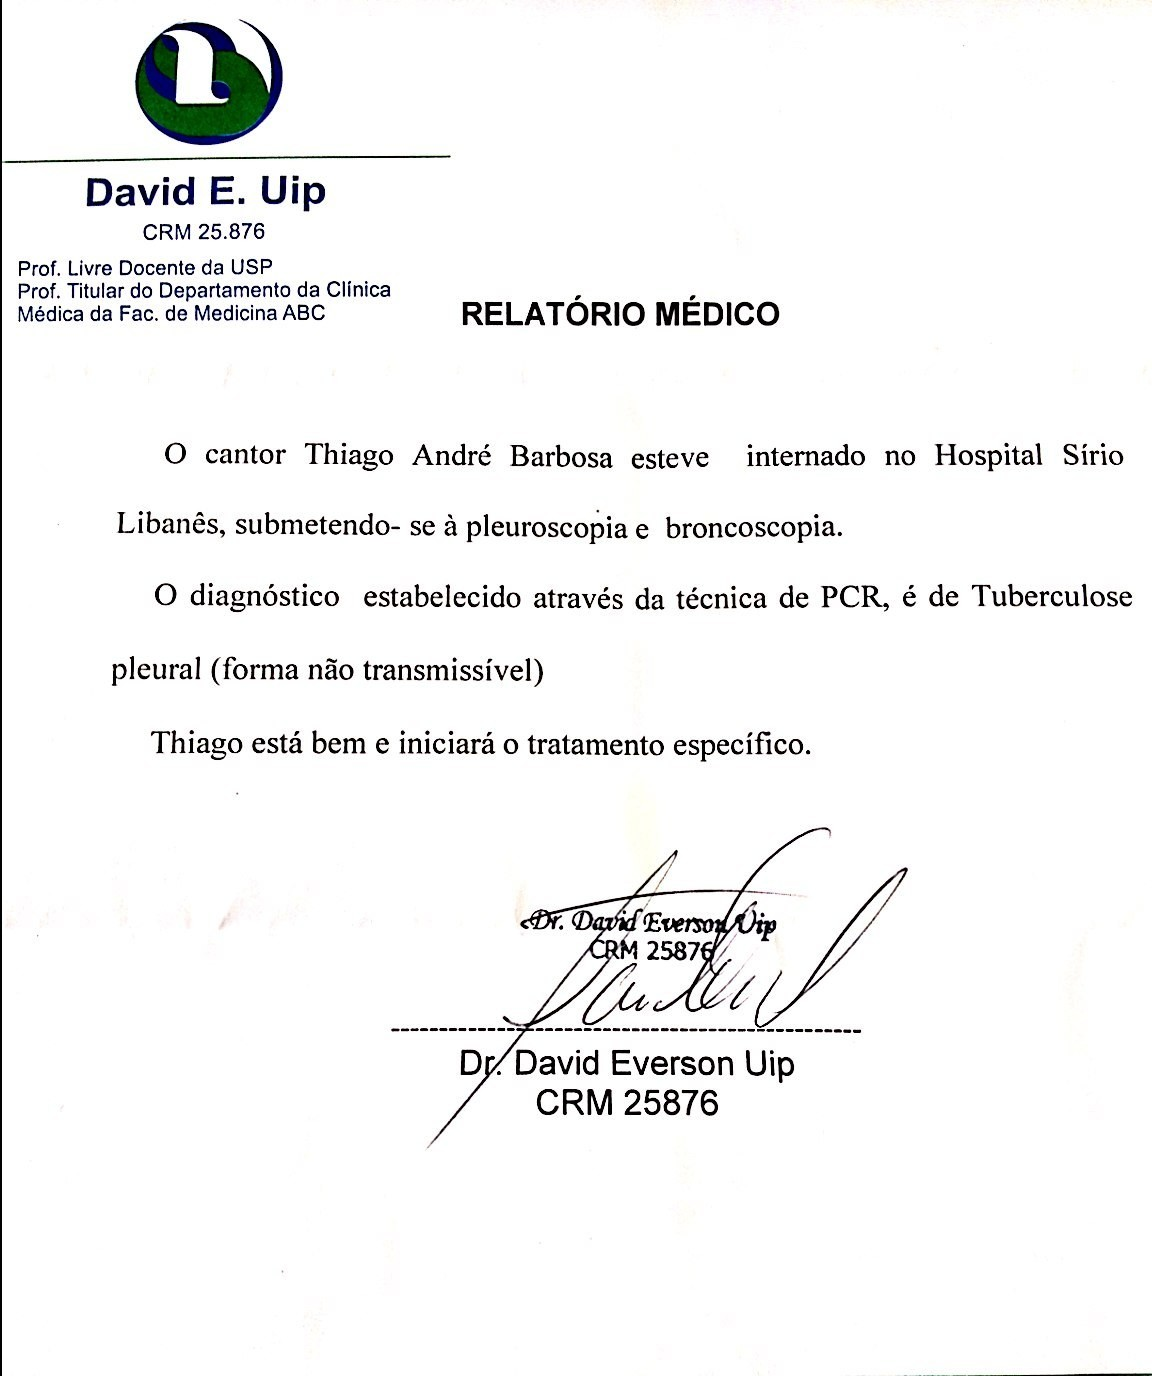 Relatório Médico (Foto: Divulgação)